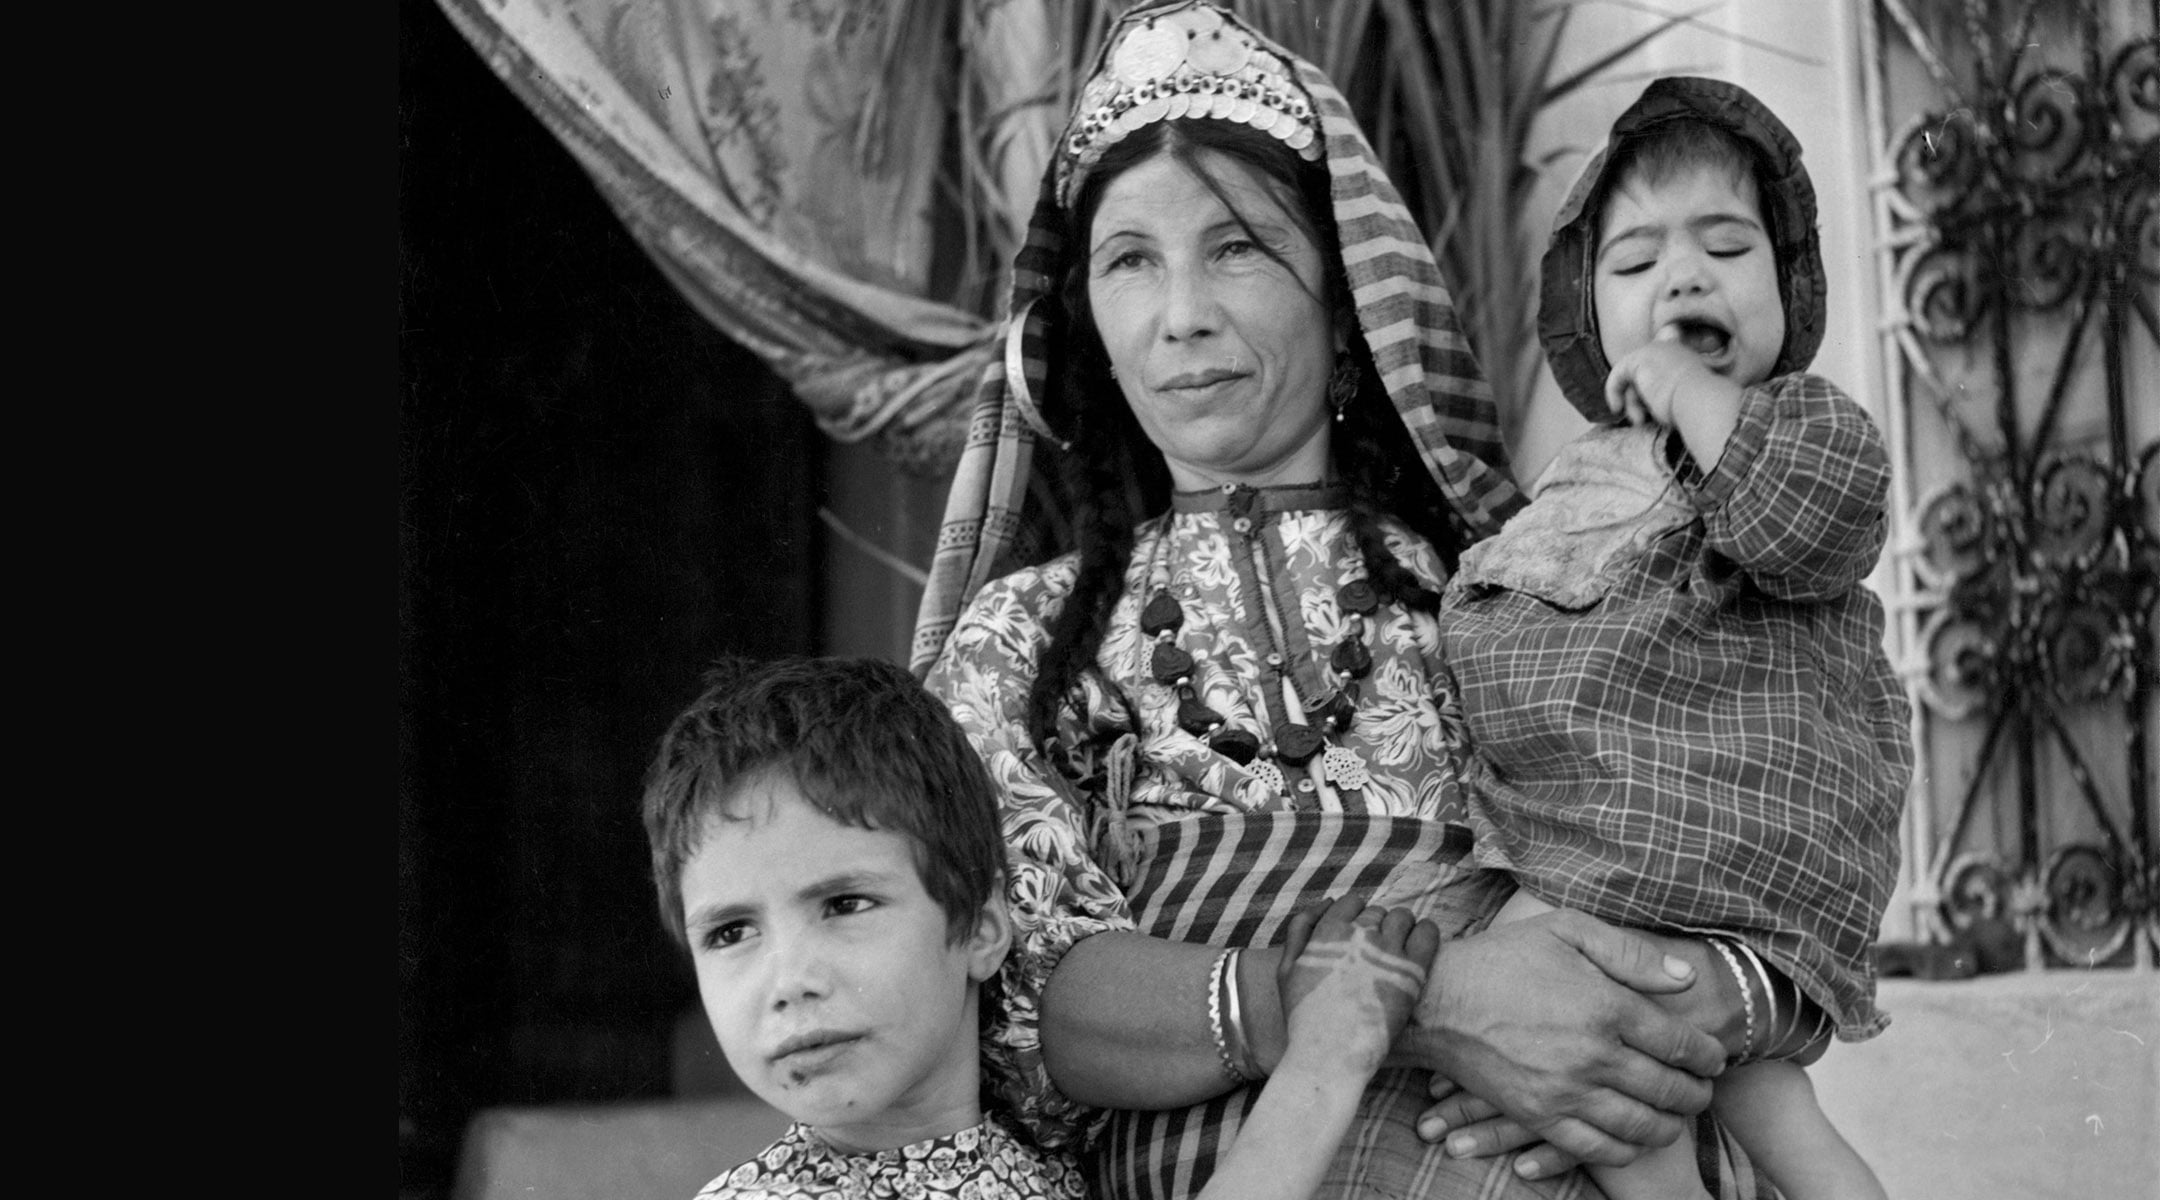 Une mère juive et ses enfants sont photographiés devant une synagogue à Djerba, en Tunisie, le 1er janvier 1950. Quelque 850 000 réfugiés de Tunisie et d'autres pays arabes ont été expulsés de leurs pays après la création d'Israël.